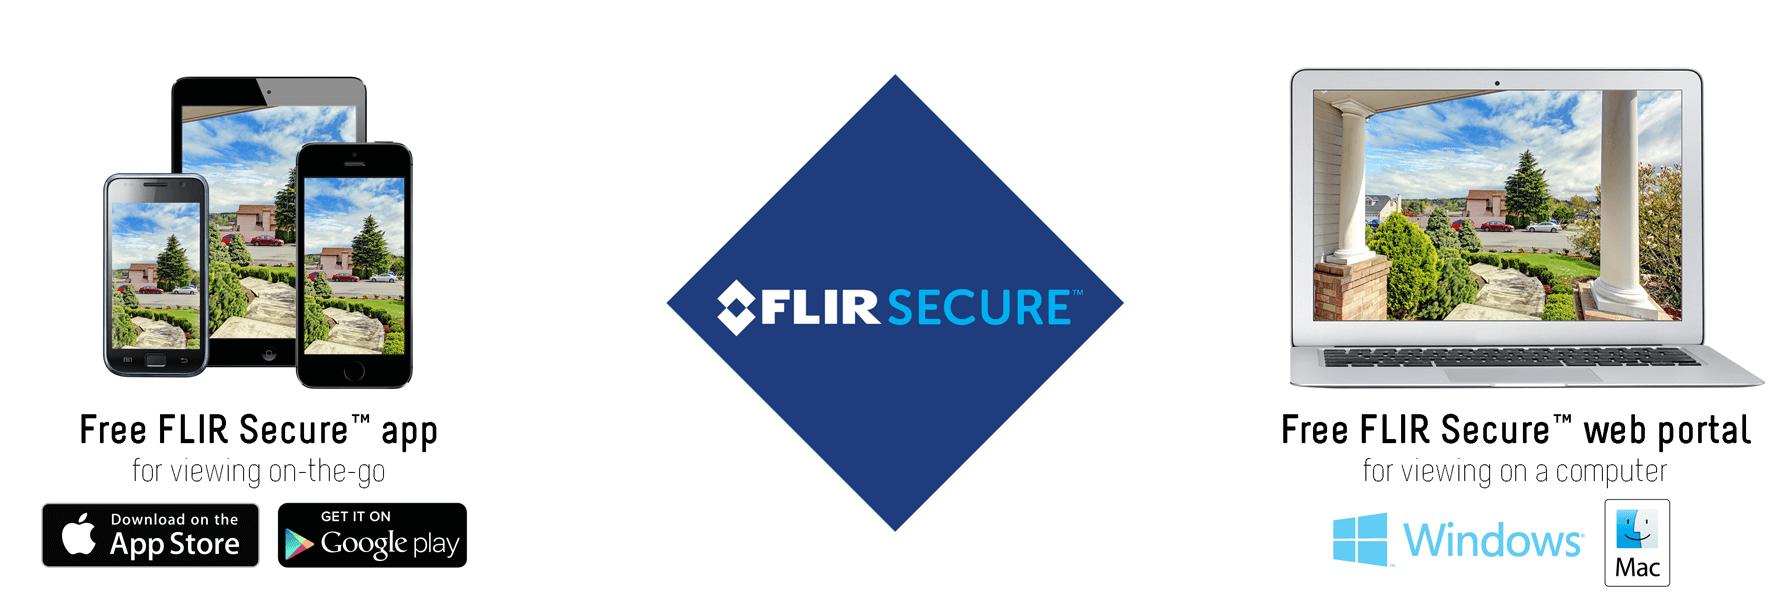 Flir Cloud remote connectivity